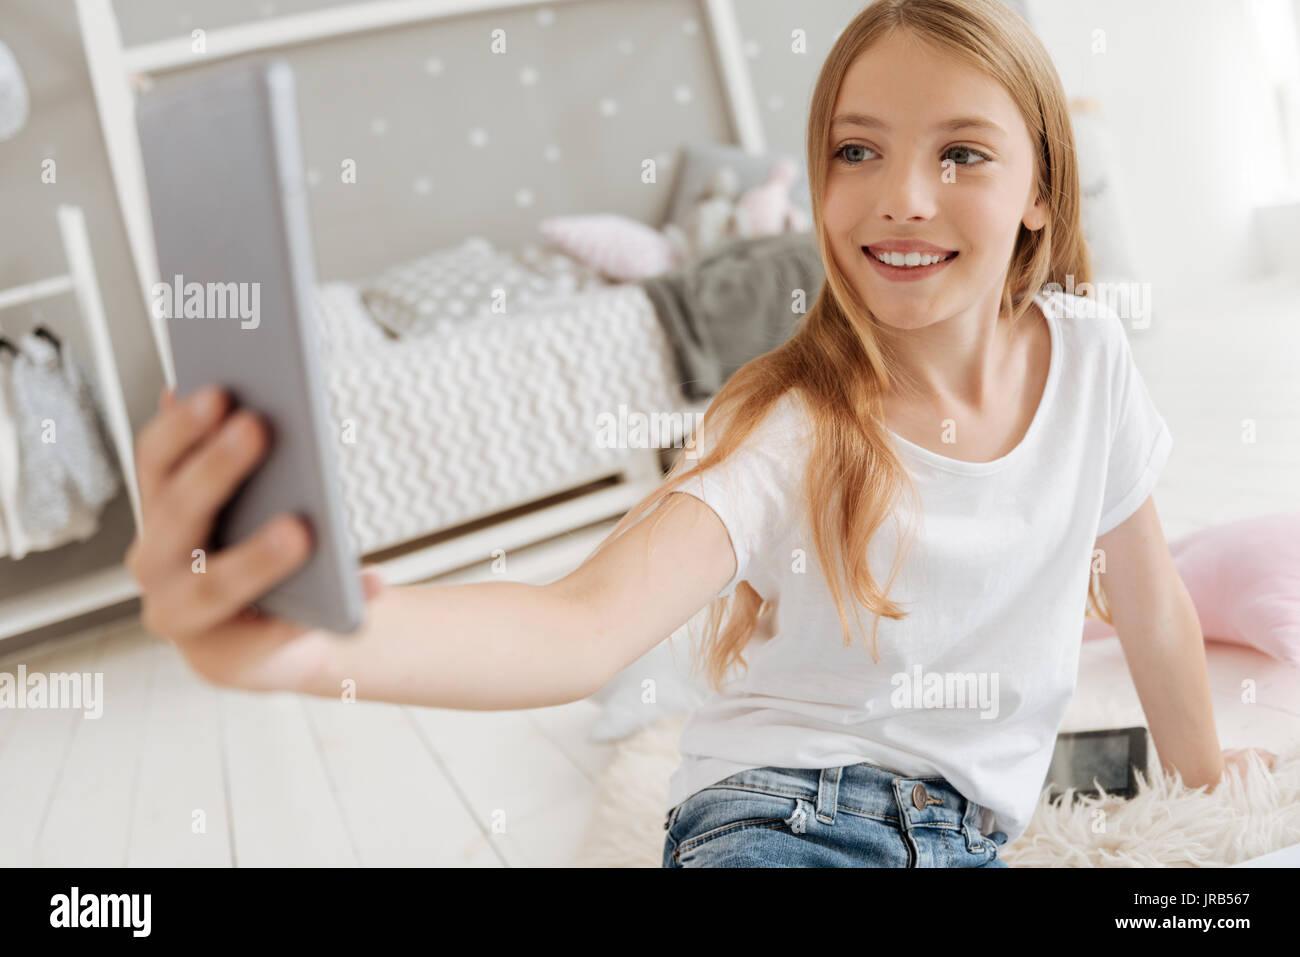 Kleines Mädchen selfies nehmen in ihrem Schlafzimmer aufgeregt Stockbild